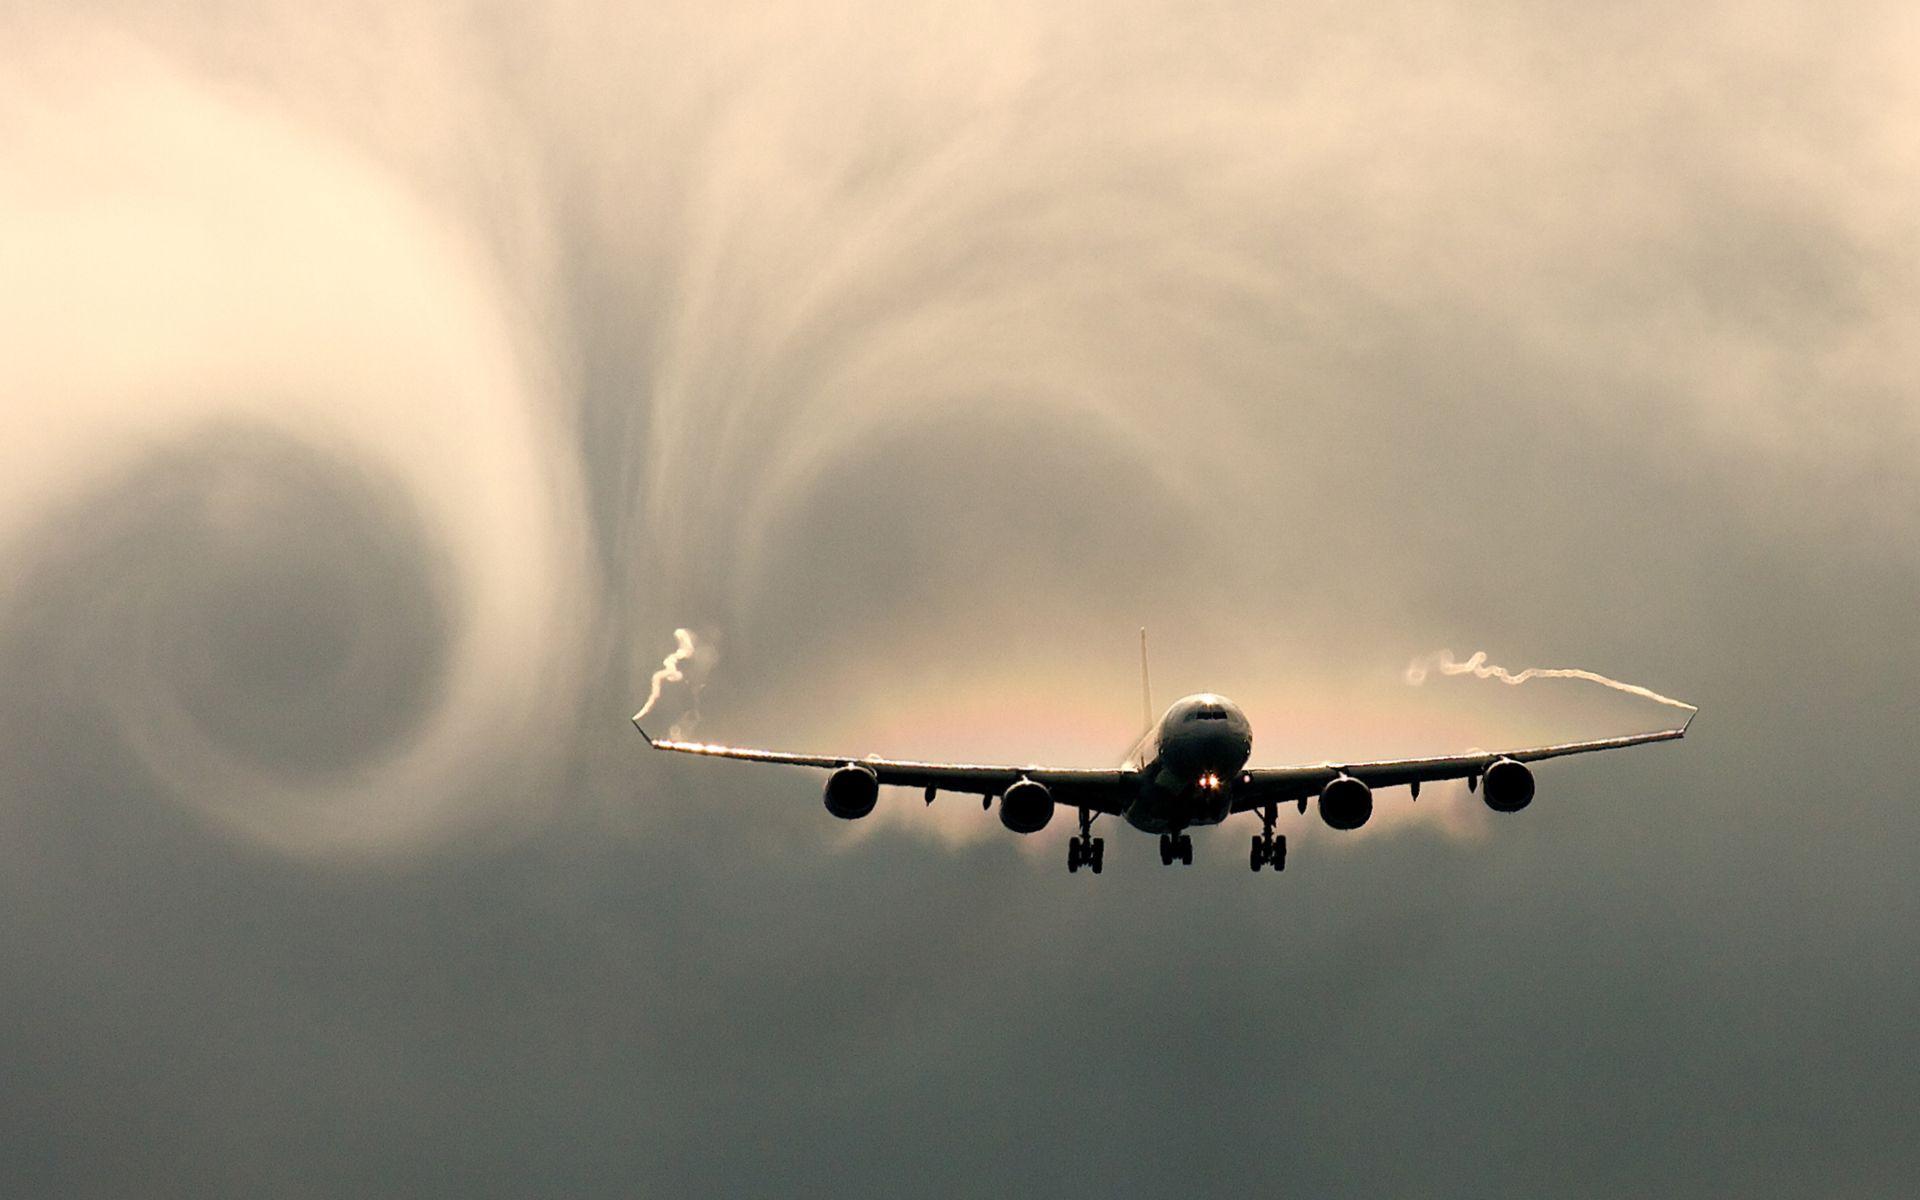 Flying Wallpaper Widescreen Hd Wallpapers Pinterest Aviation